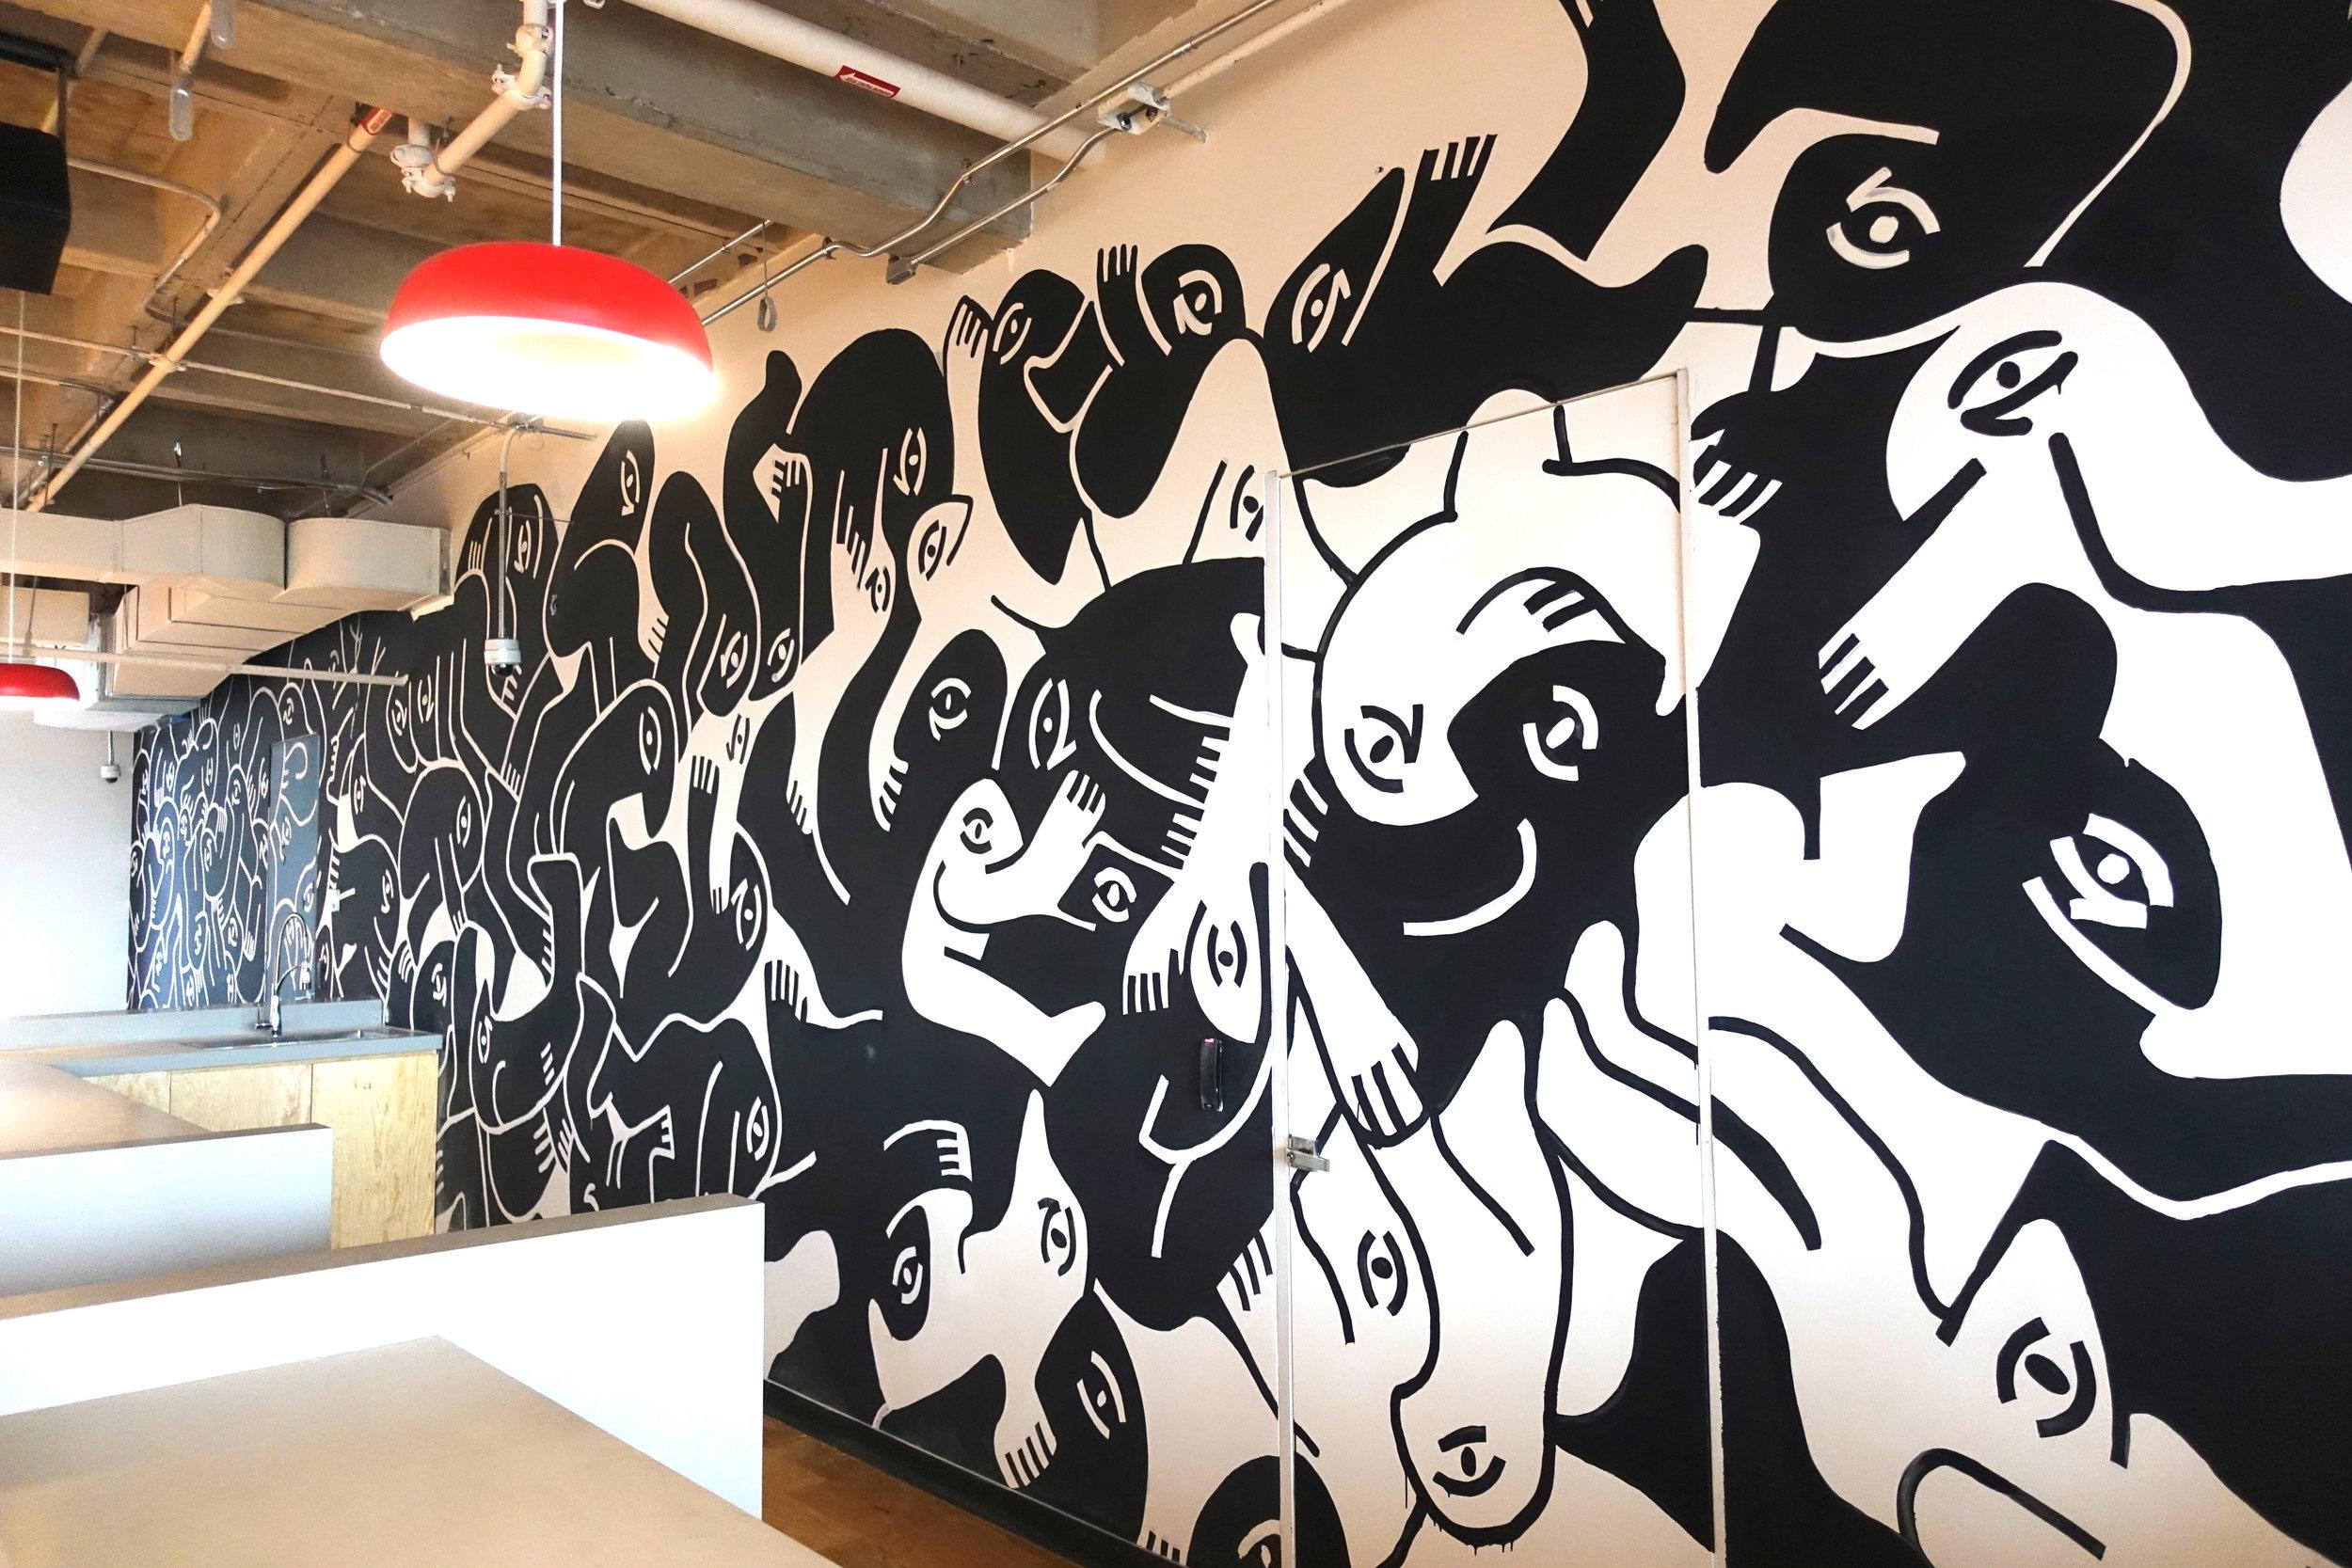 Blob-mural-edit-4.JPG